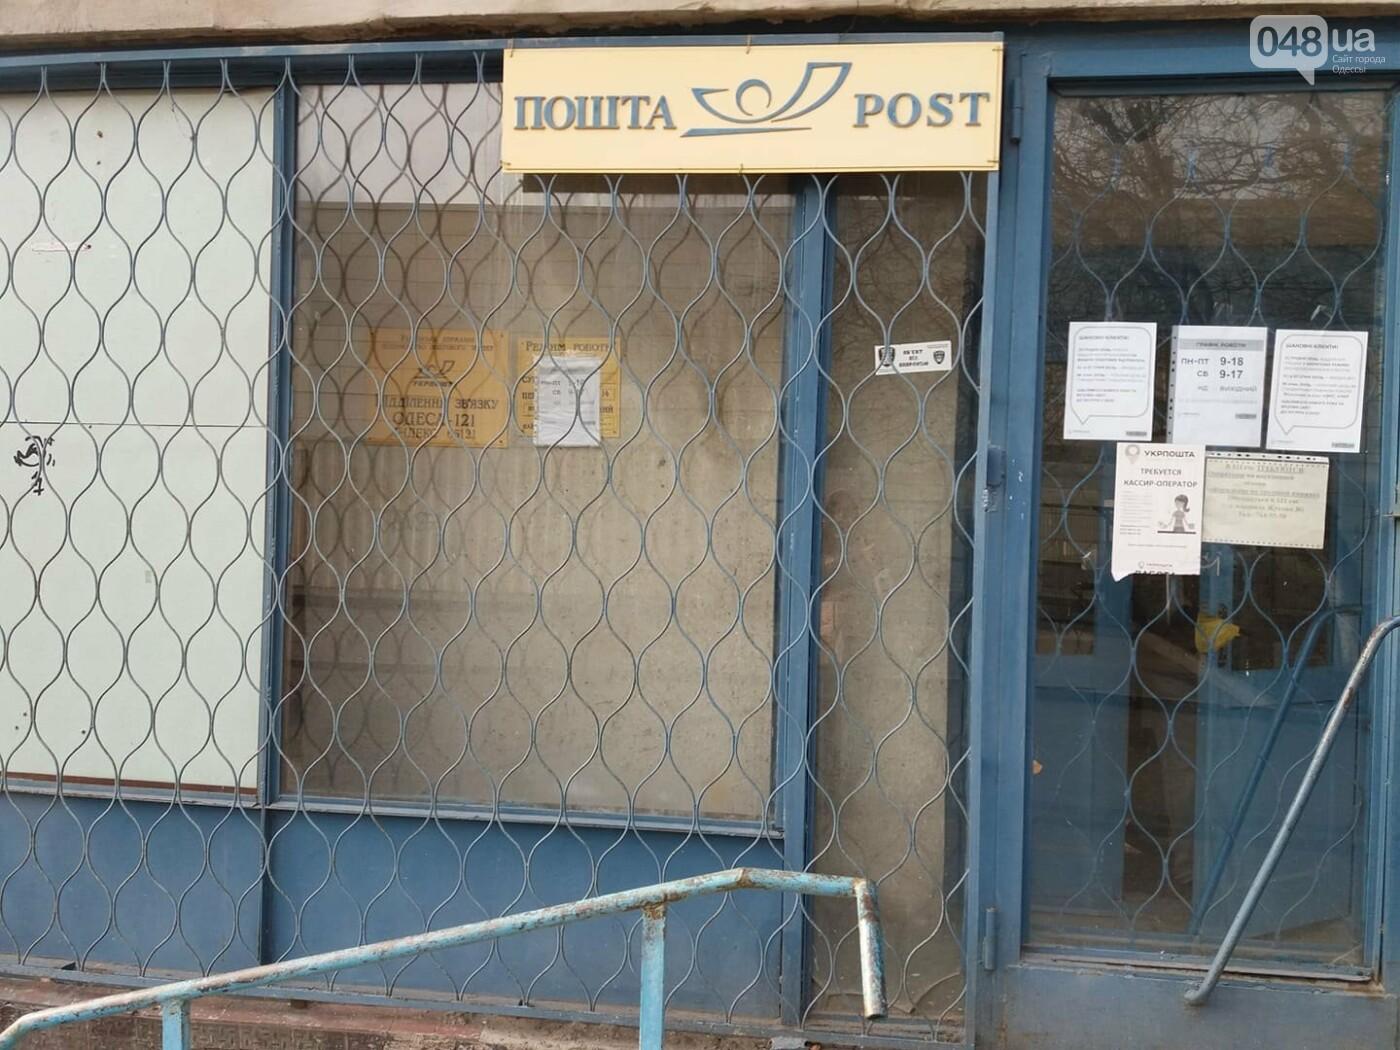 Марок нет: можно ли отправить письмо из Одессы сегодня, - ФОТО, фото-5